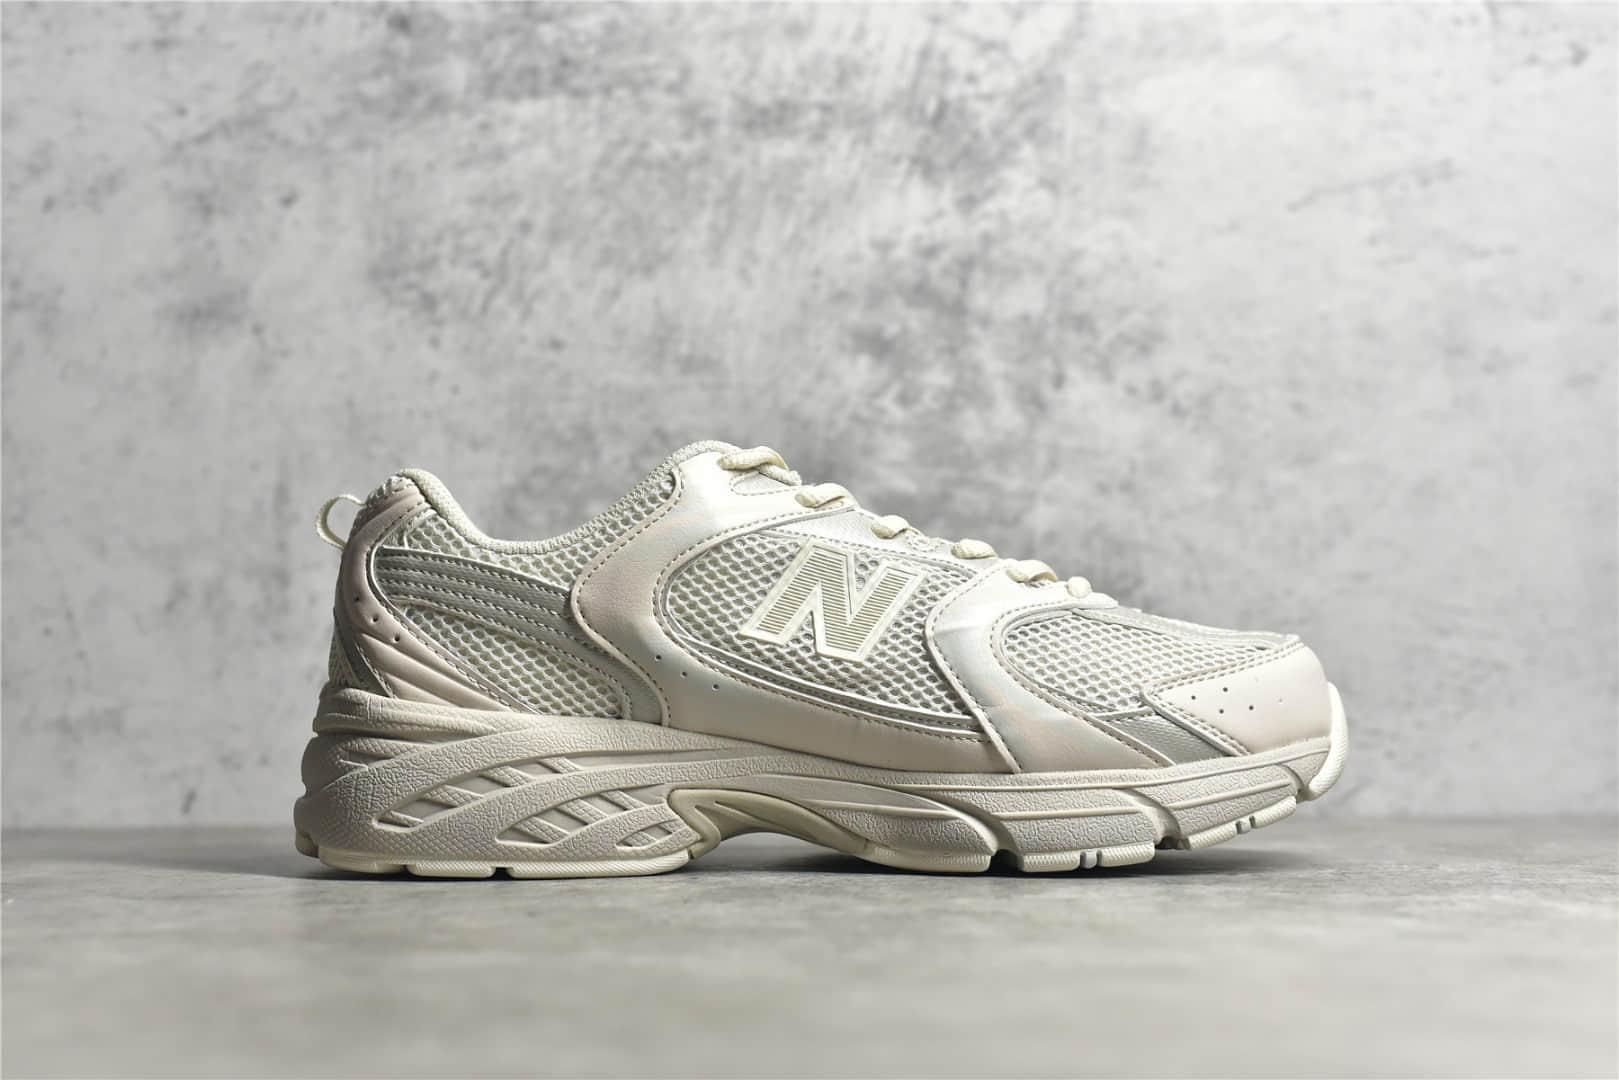 新百伦NB530米白色公司级版本 NB530 New Balance 530 新百伦米白色跑鞋 NB总统跑鞋 货号:MR530SG-潮流者之家